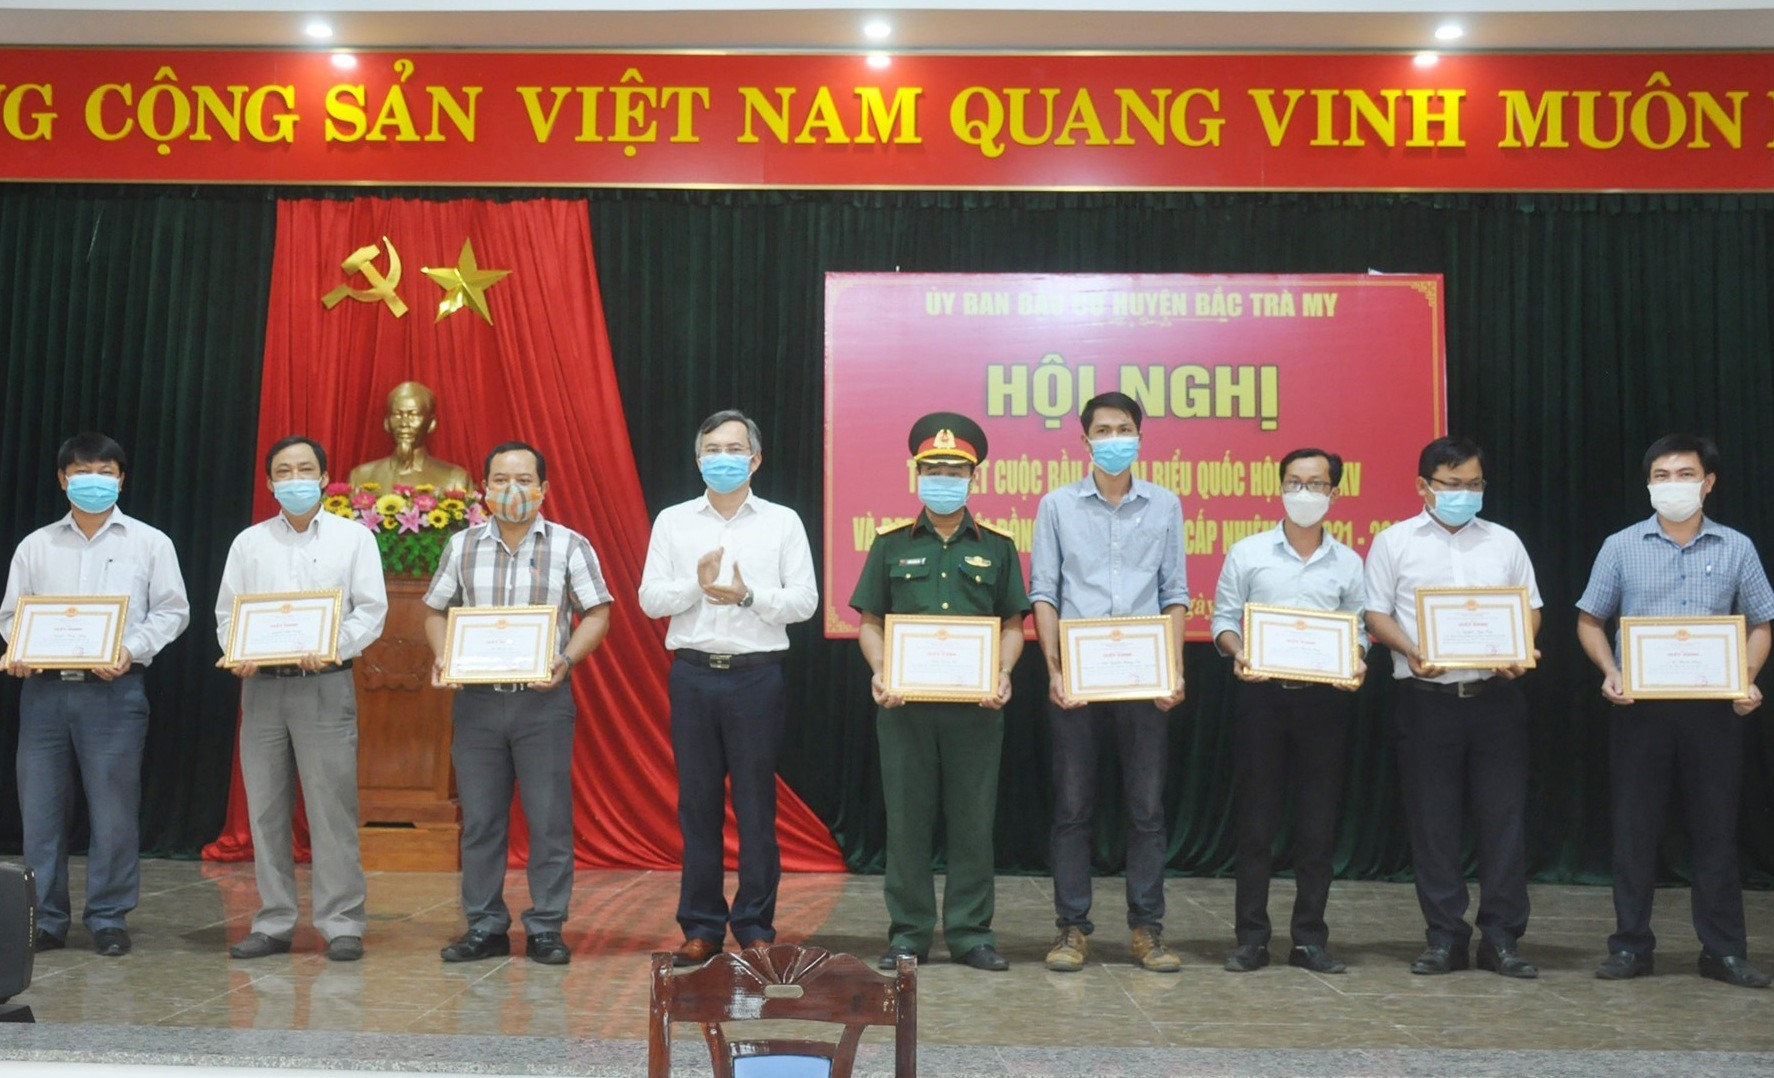 Chủ tịch UBND huyện Bắc Trà My Thái Hoàng Vũ tặng giấy khen cho các cá nhân có thành tích xuất sắc trong công tác bầu cử. Ảnh: N.Đ